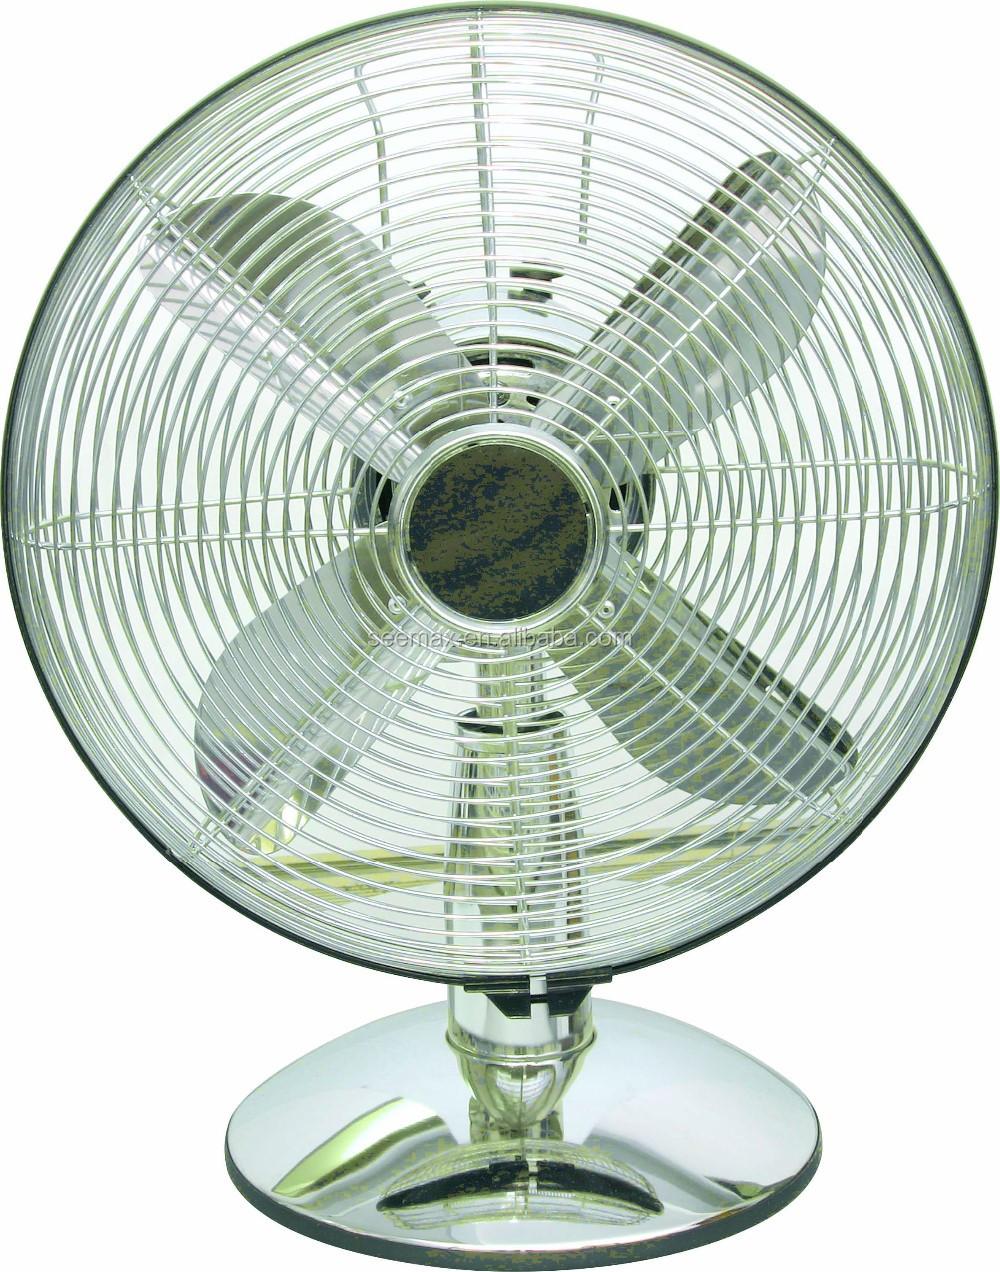 Table Fans Parts : Table fan parts name